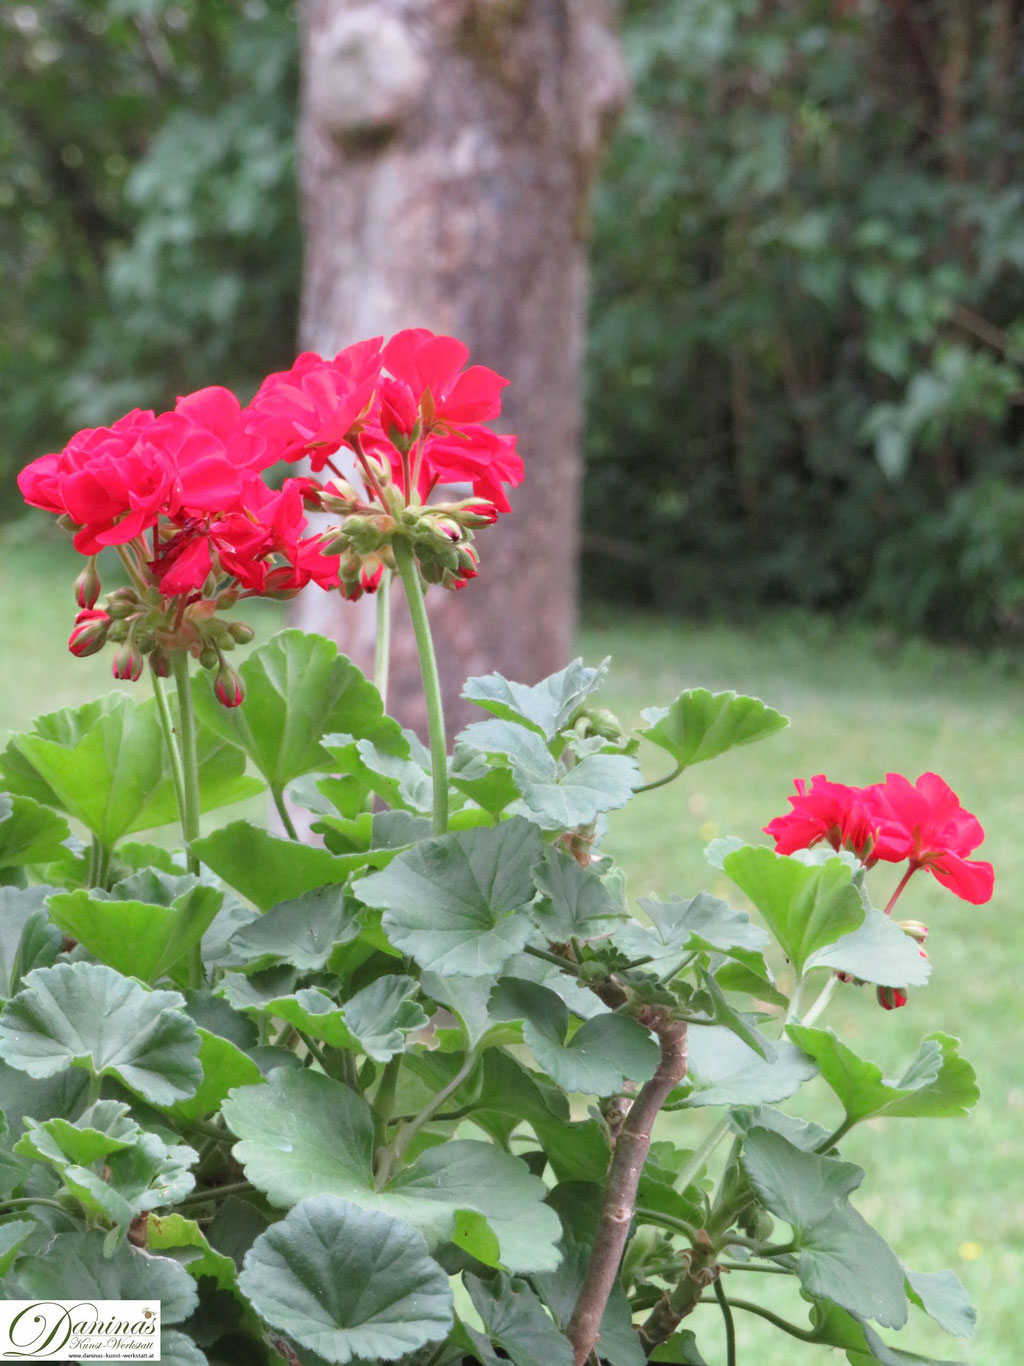 Rot blühende Belagonie im Cottage Garten